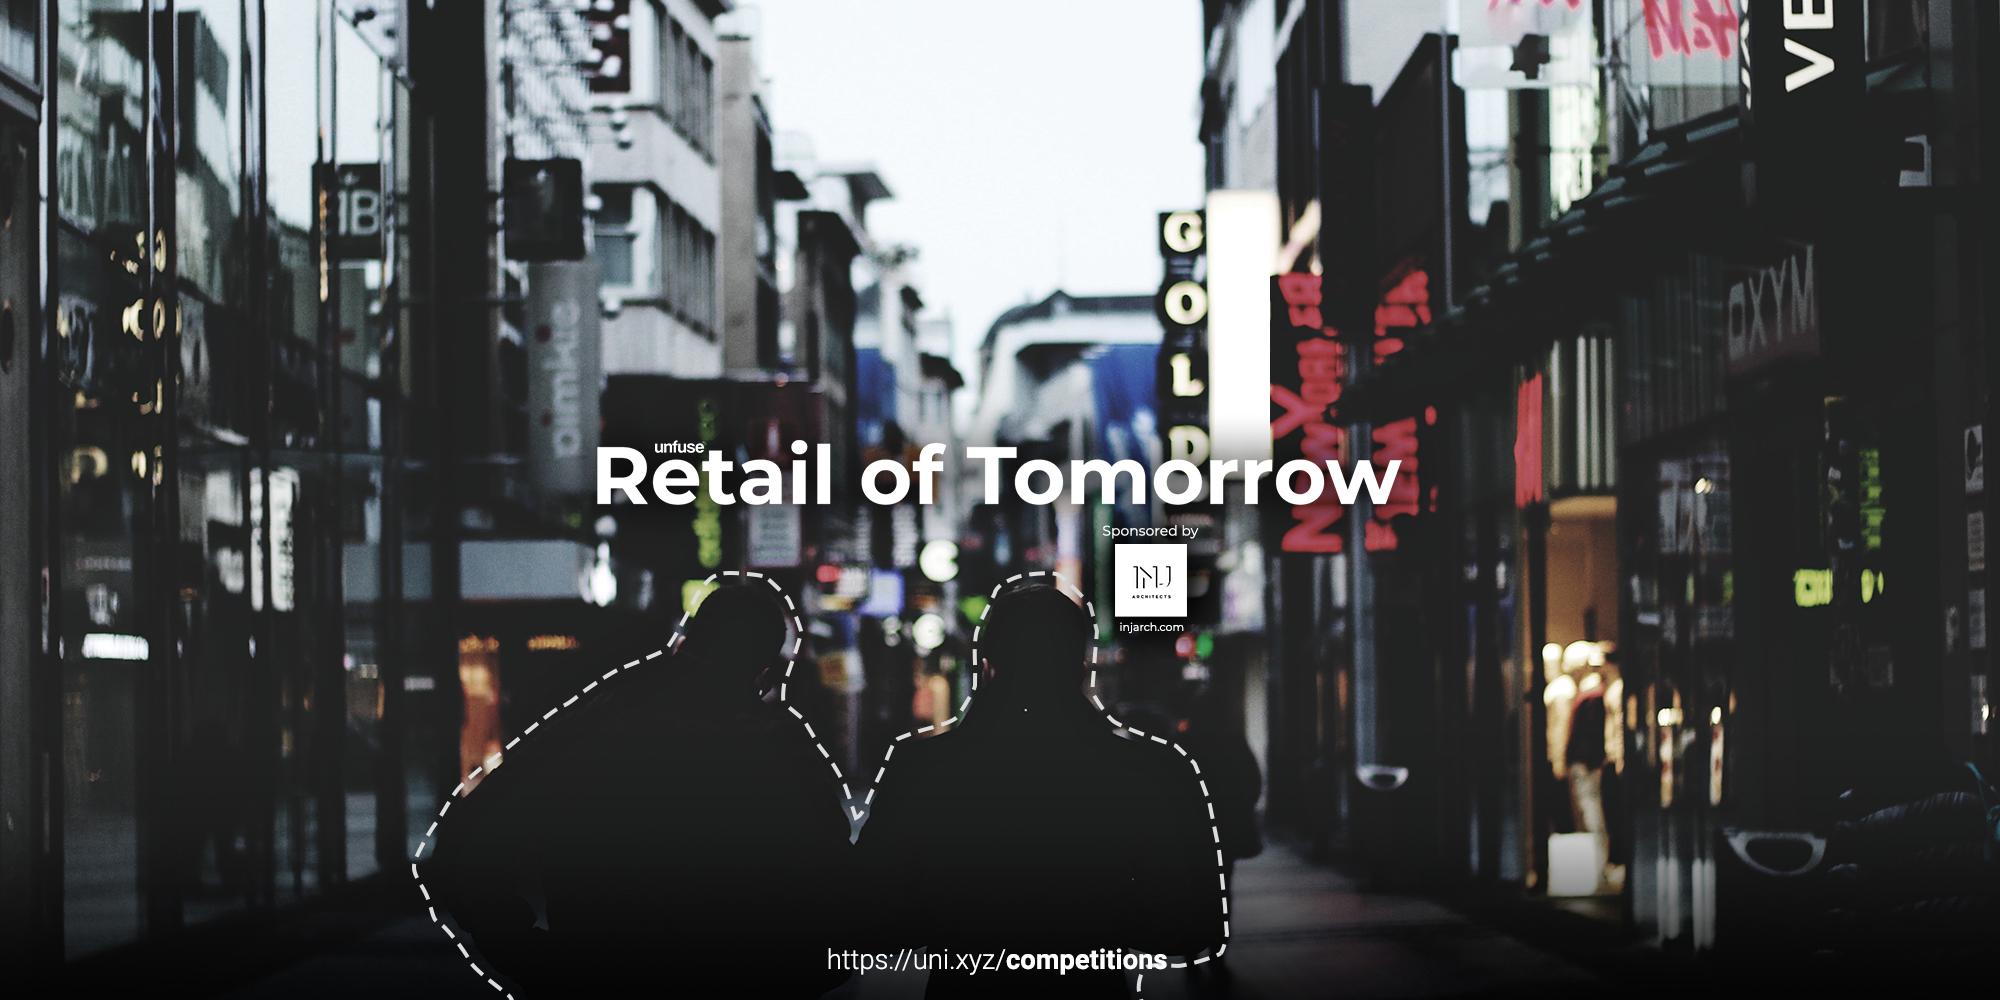 Retail of Tomorrow